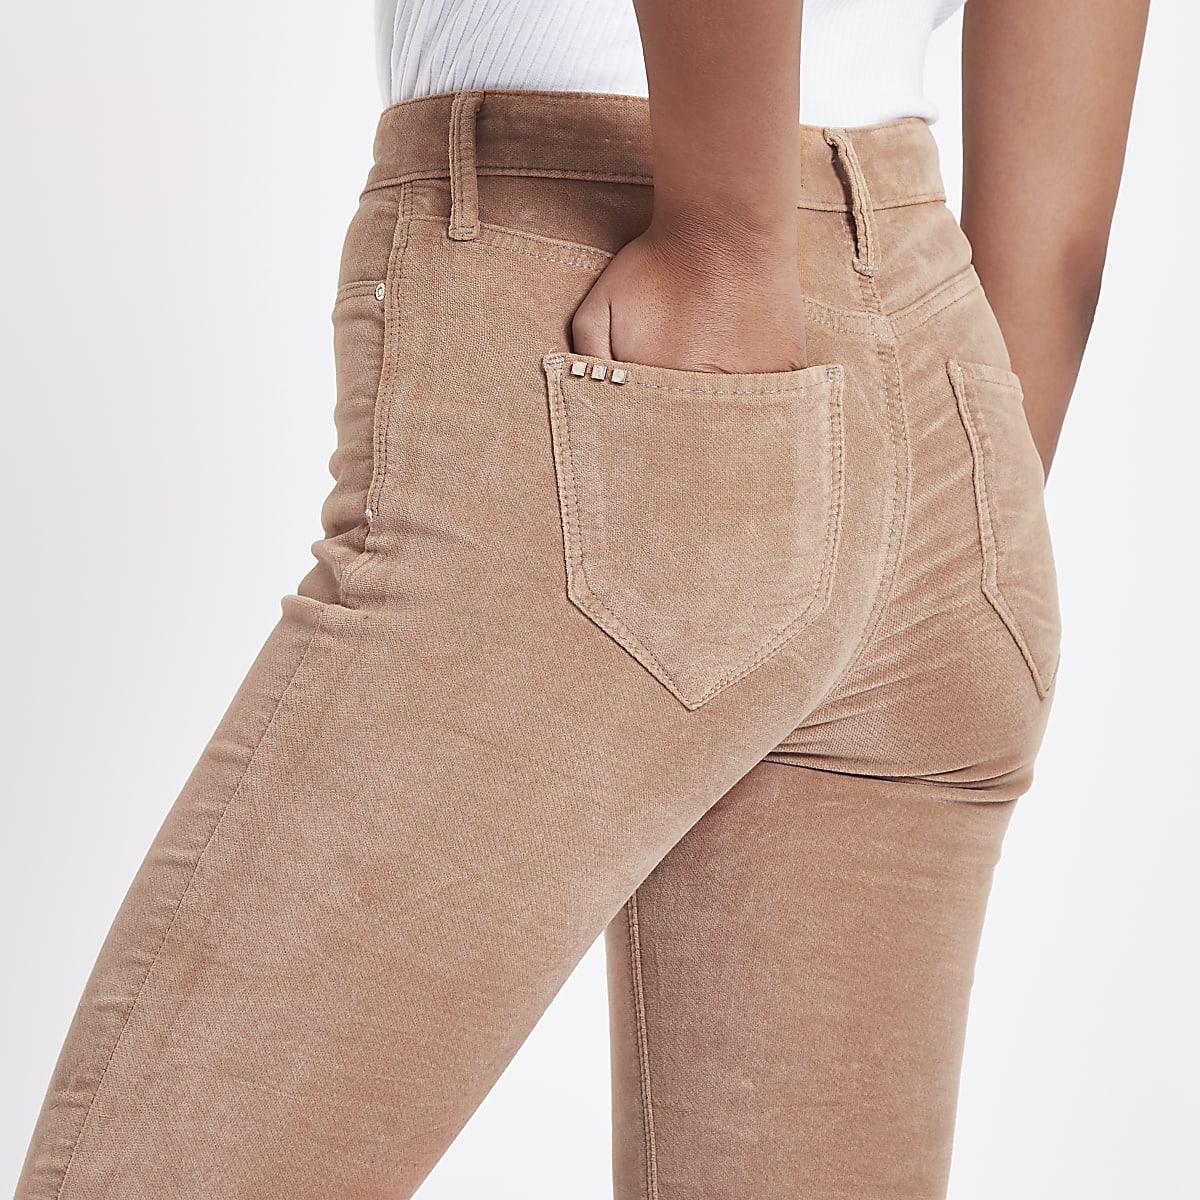 80db8d8a459e9 Pink Rl Molly velvet jeggings - Jeggings - Jeans - women